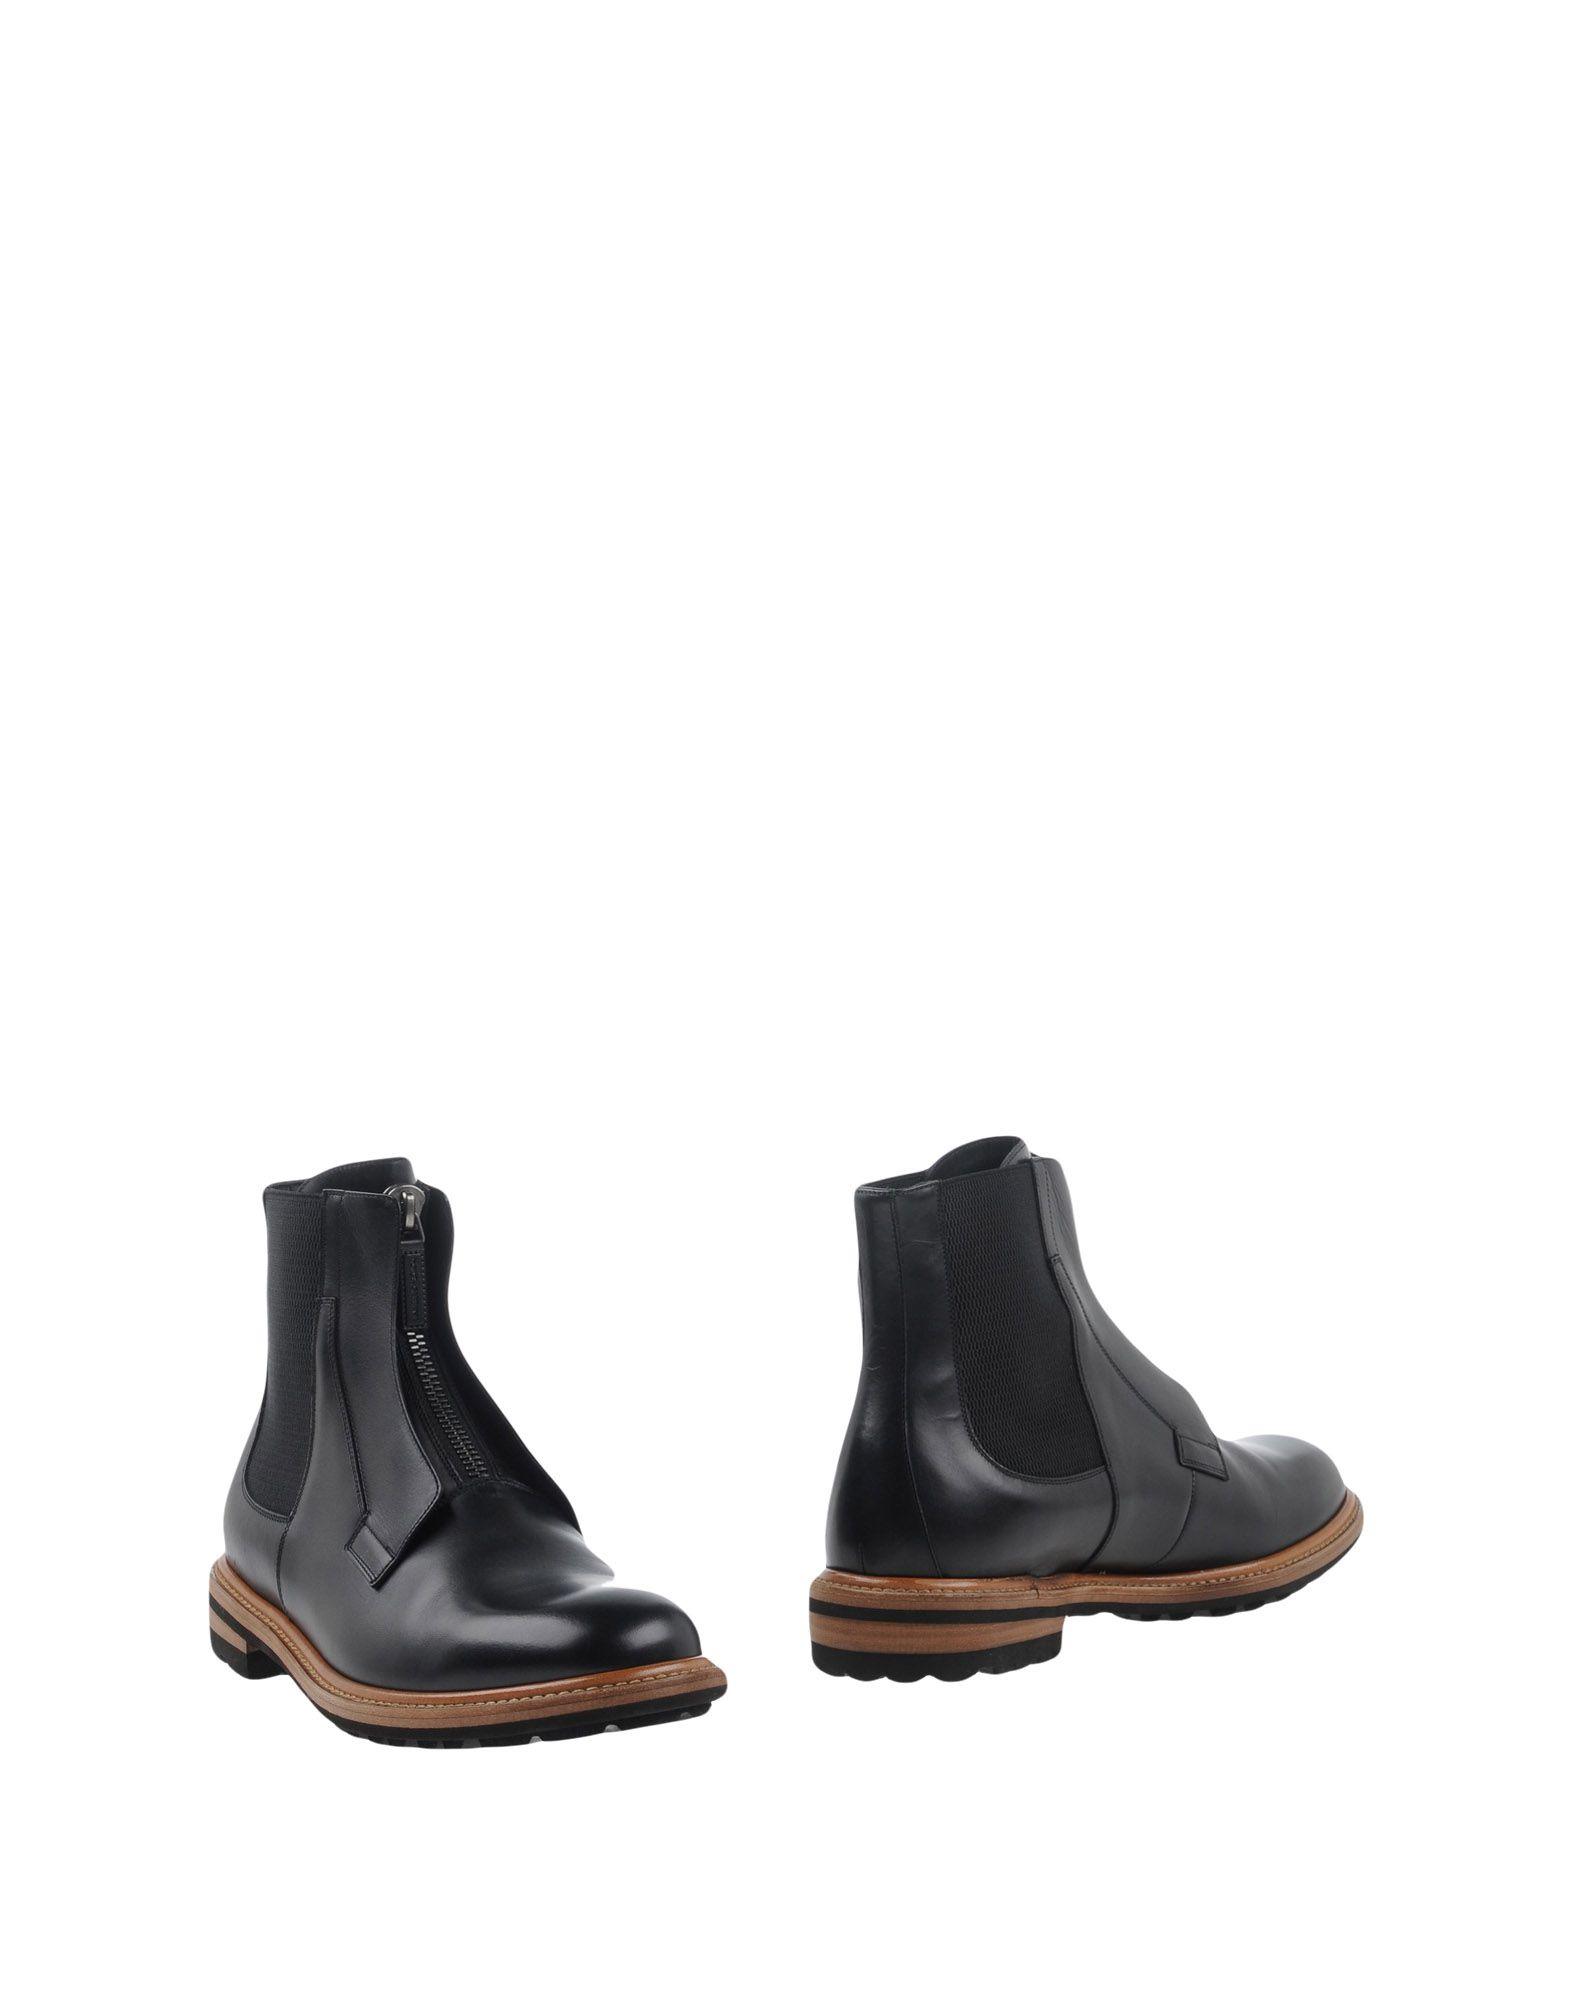 Dolce & Gabbana Stiefelette Qualität Herren  11264726HH Gute Qualität Stiefelette beliebte Schuhe b225ef